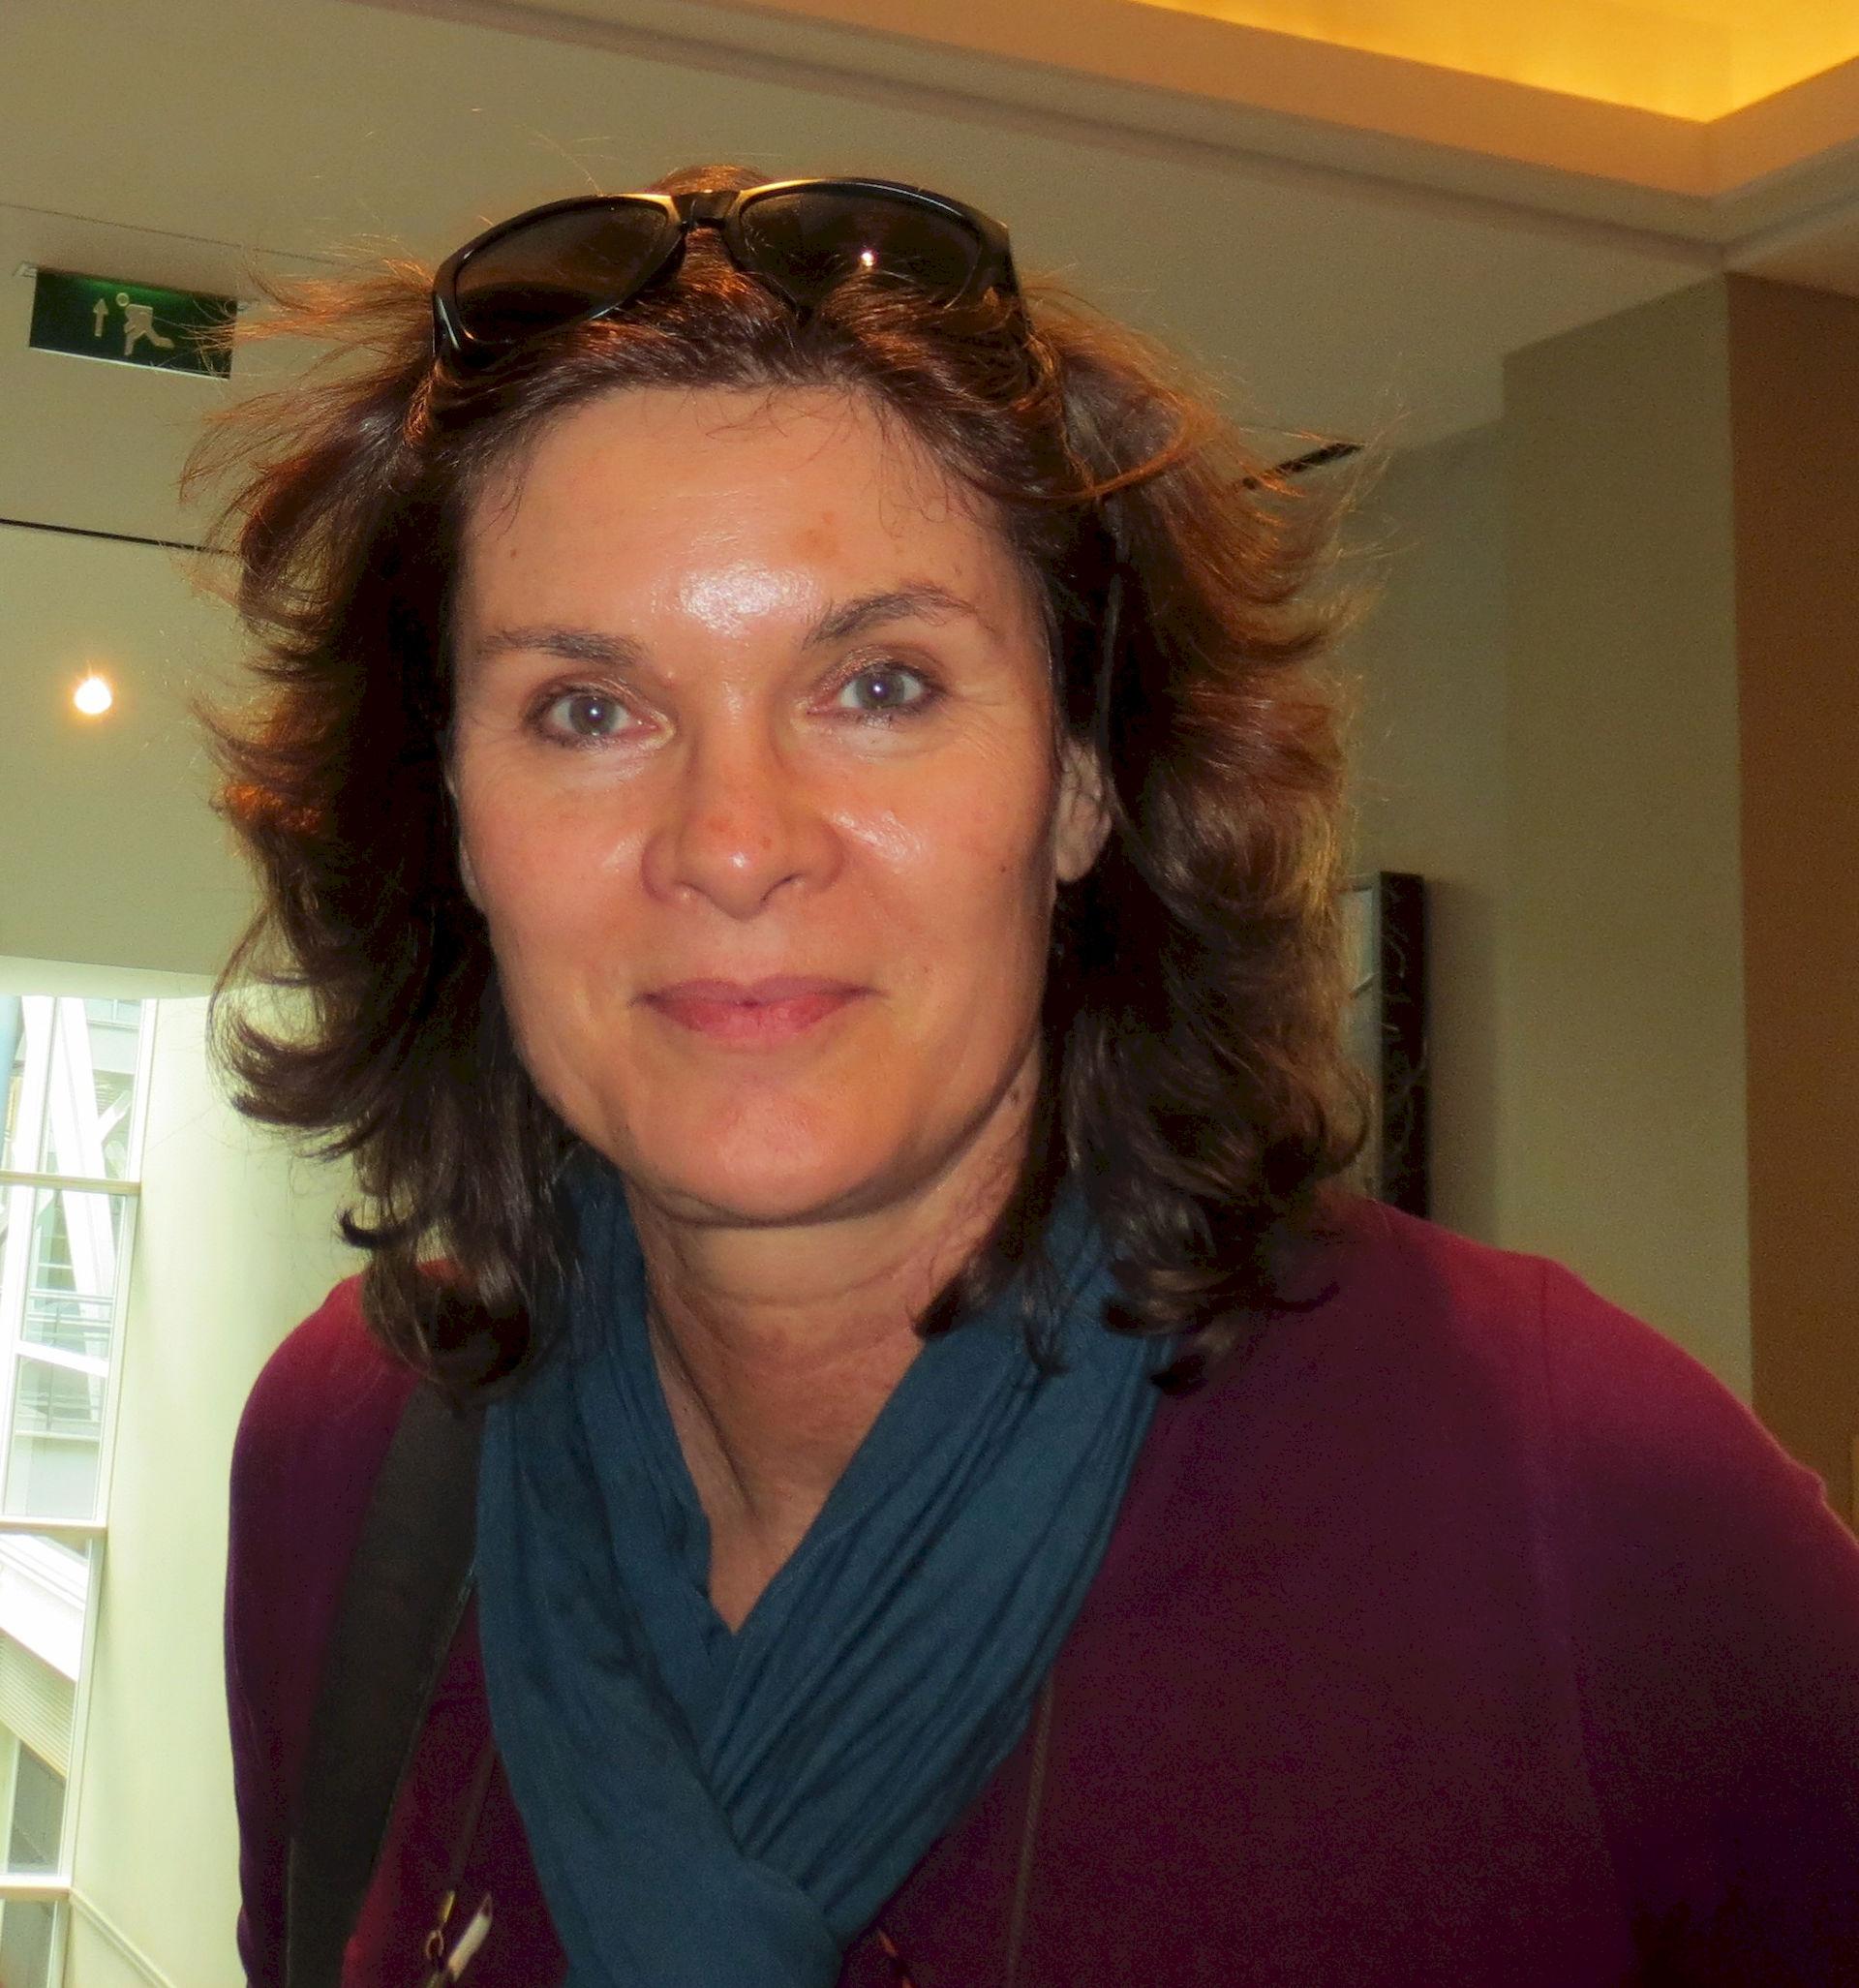 Photo of Ulrike Meyfarth: German former high jumper